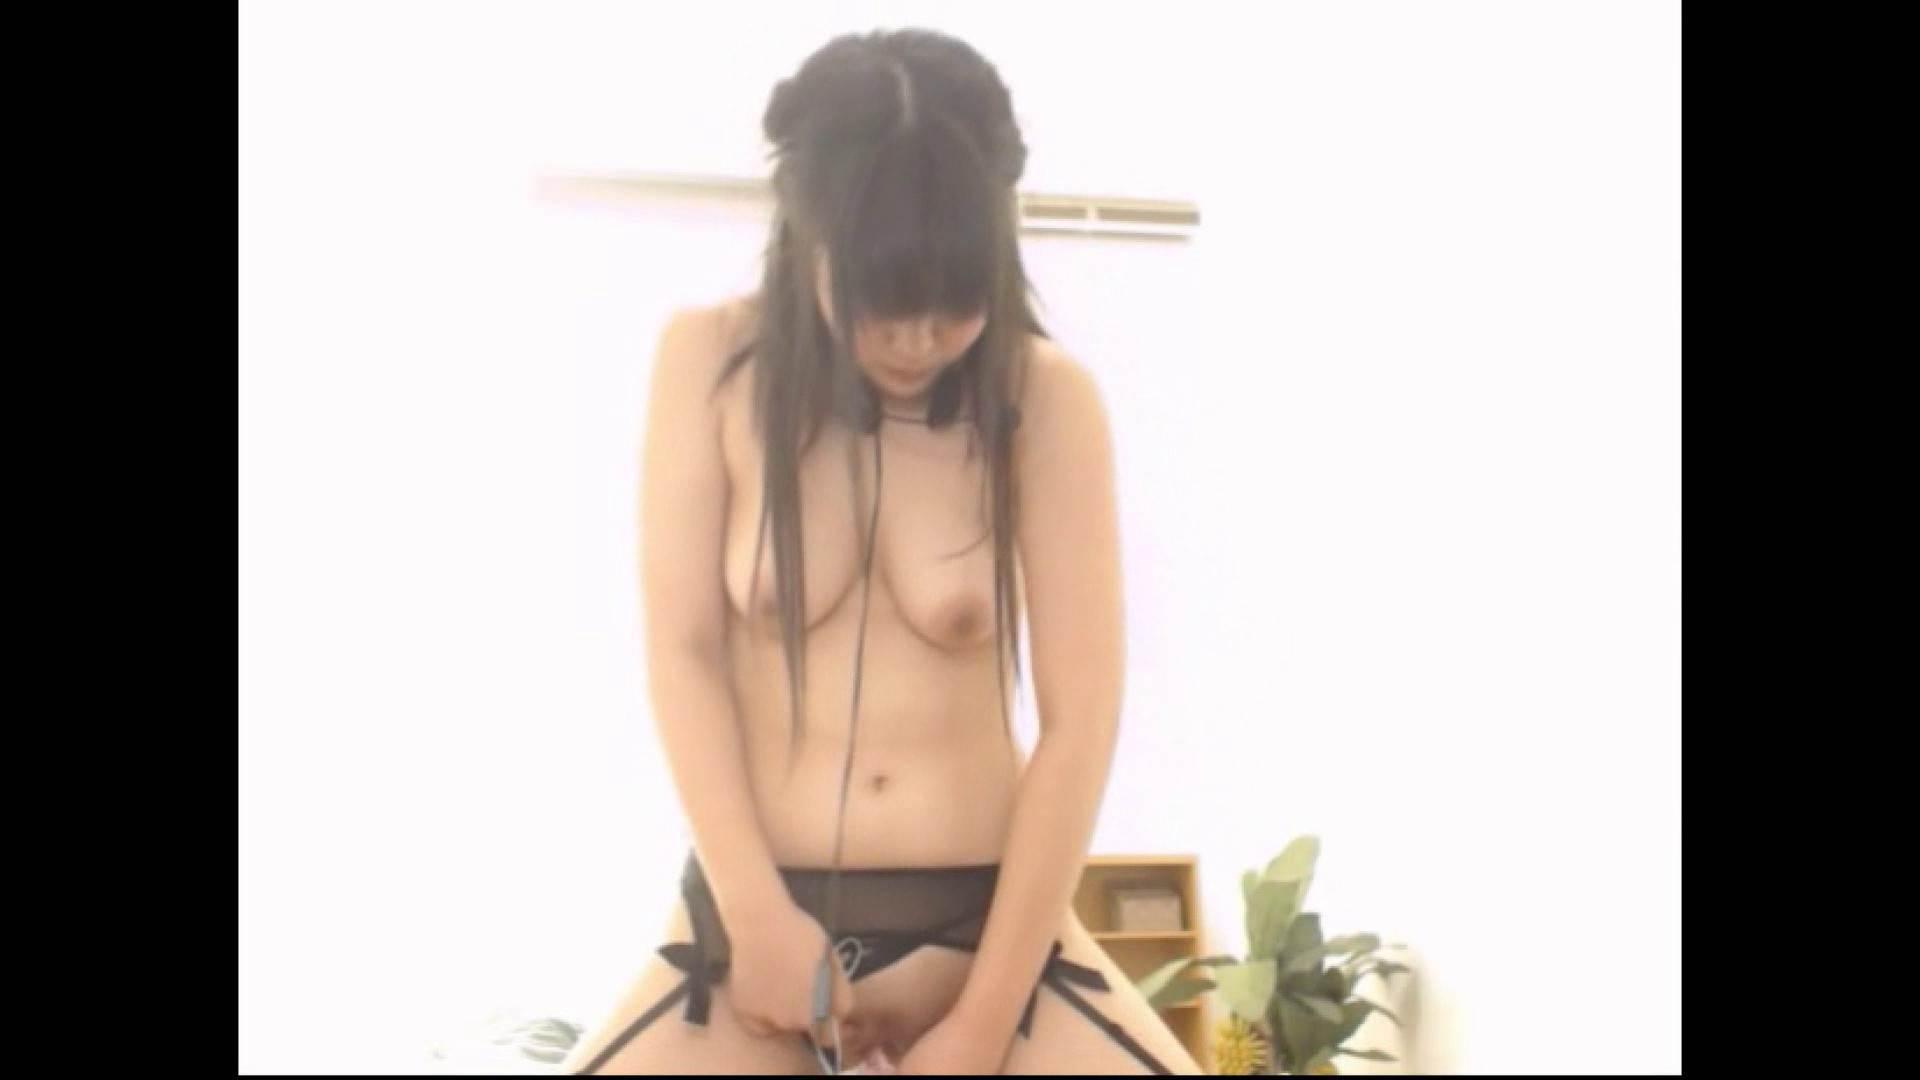 アヘ顔のわたしってどうかしら Vol.02 美女ヌード天国 ワレメ無修正動画無料 67PIX 38